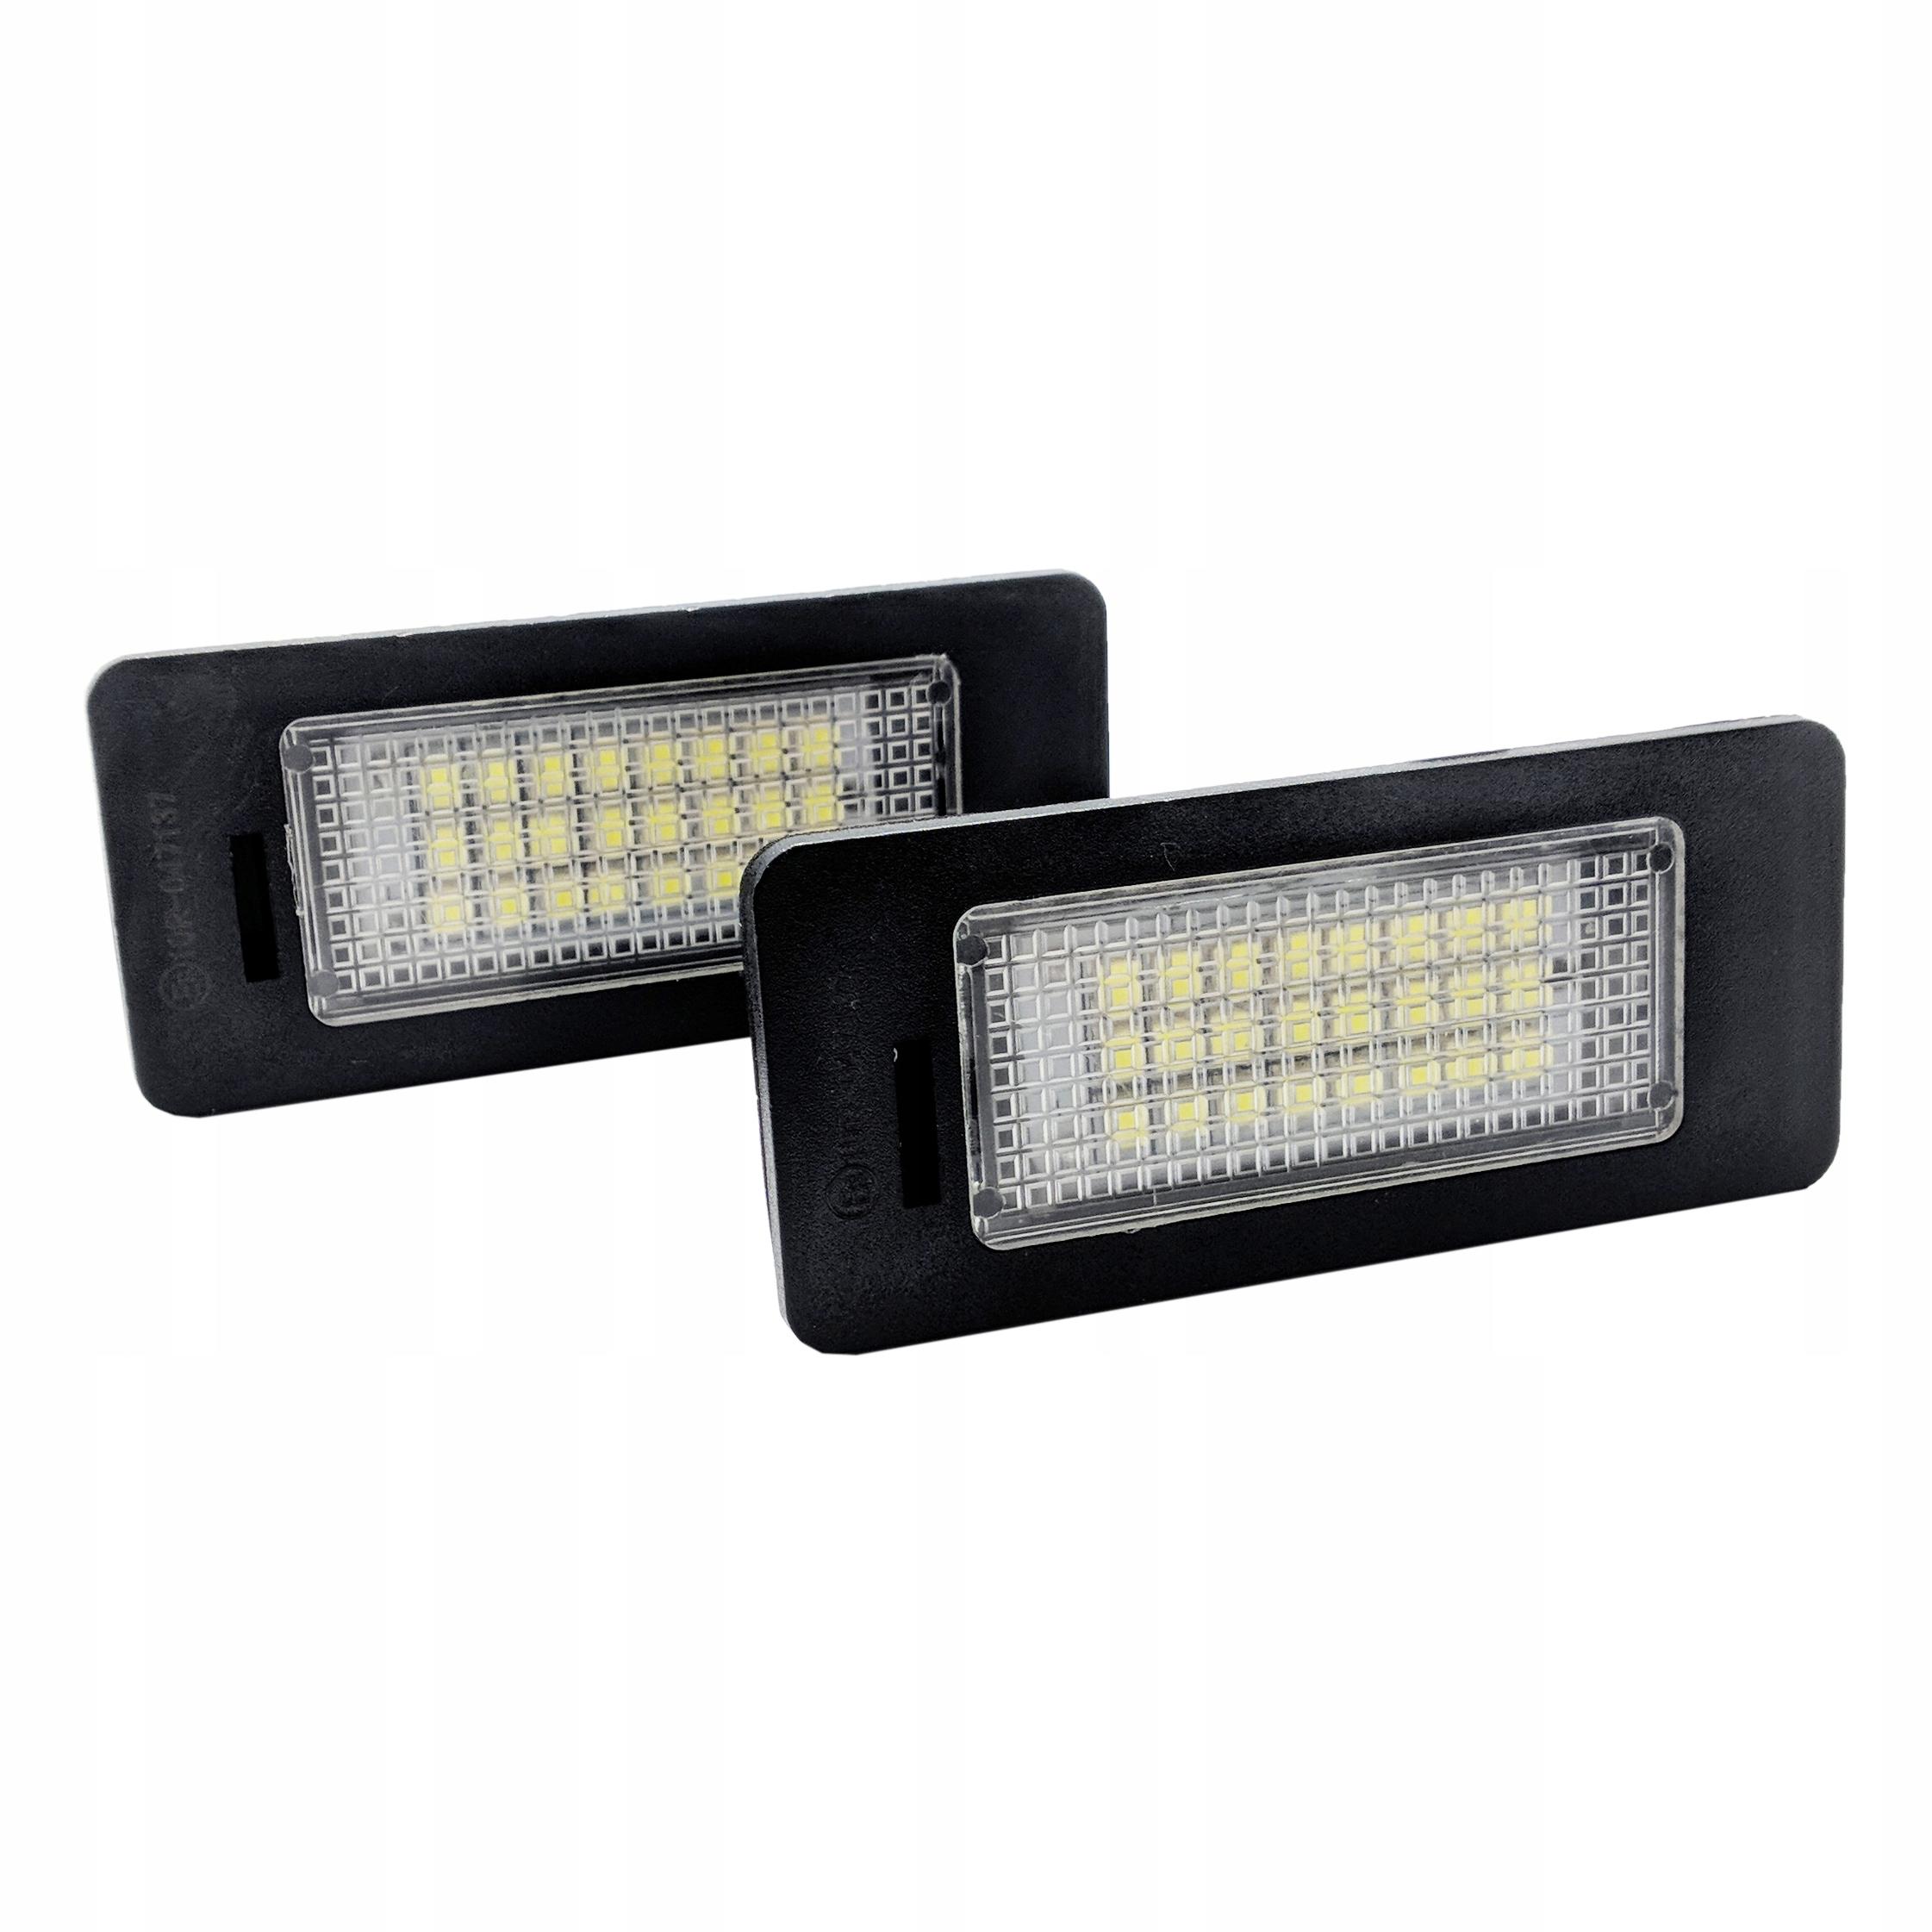 bmw e39 e60 e90 x5 e70 подсветка led массива